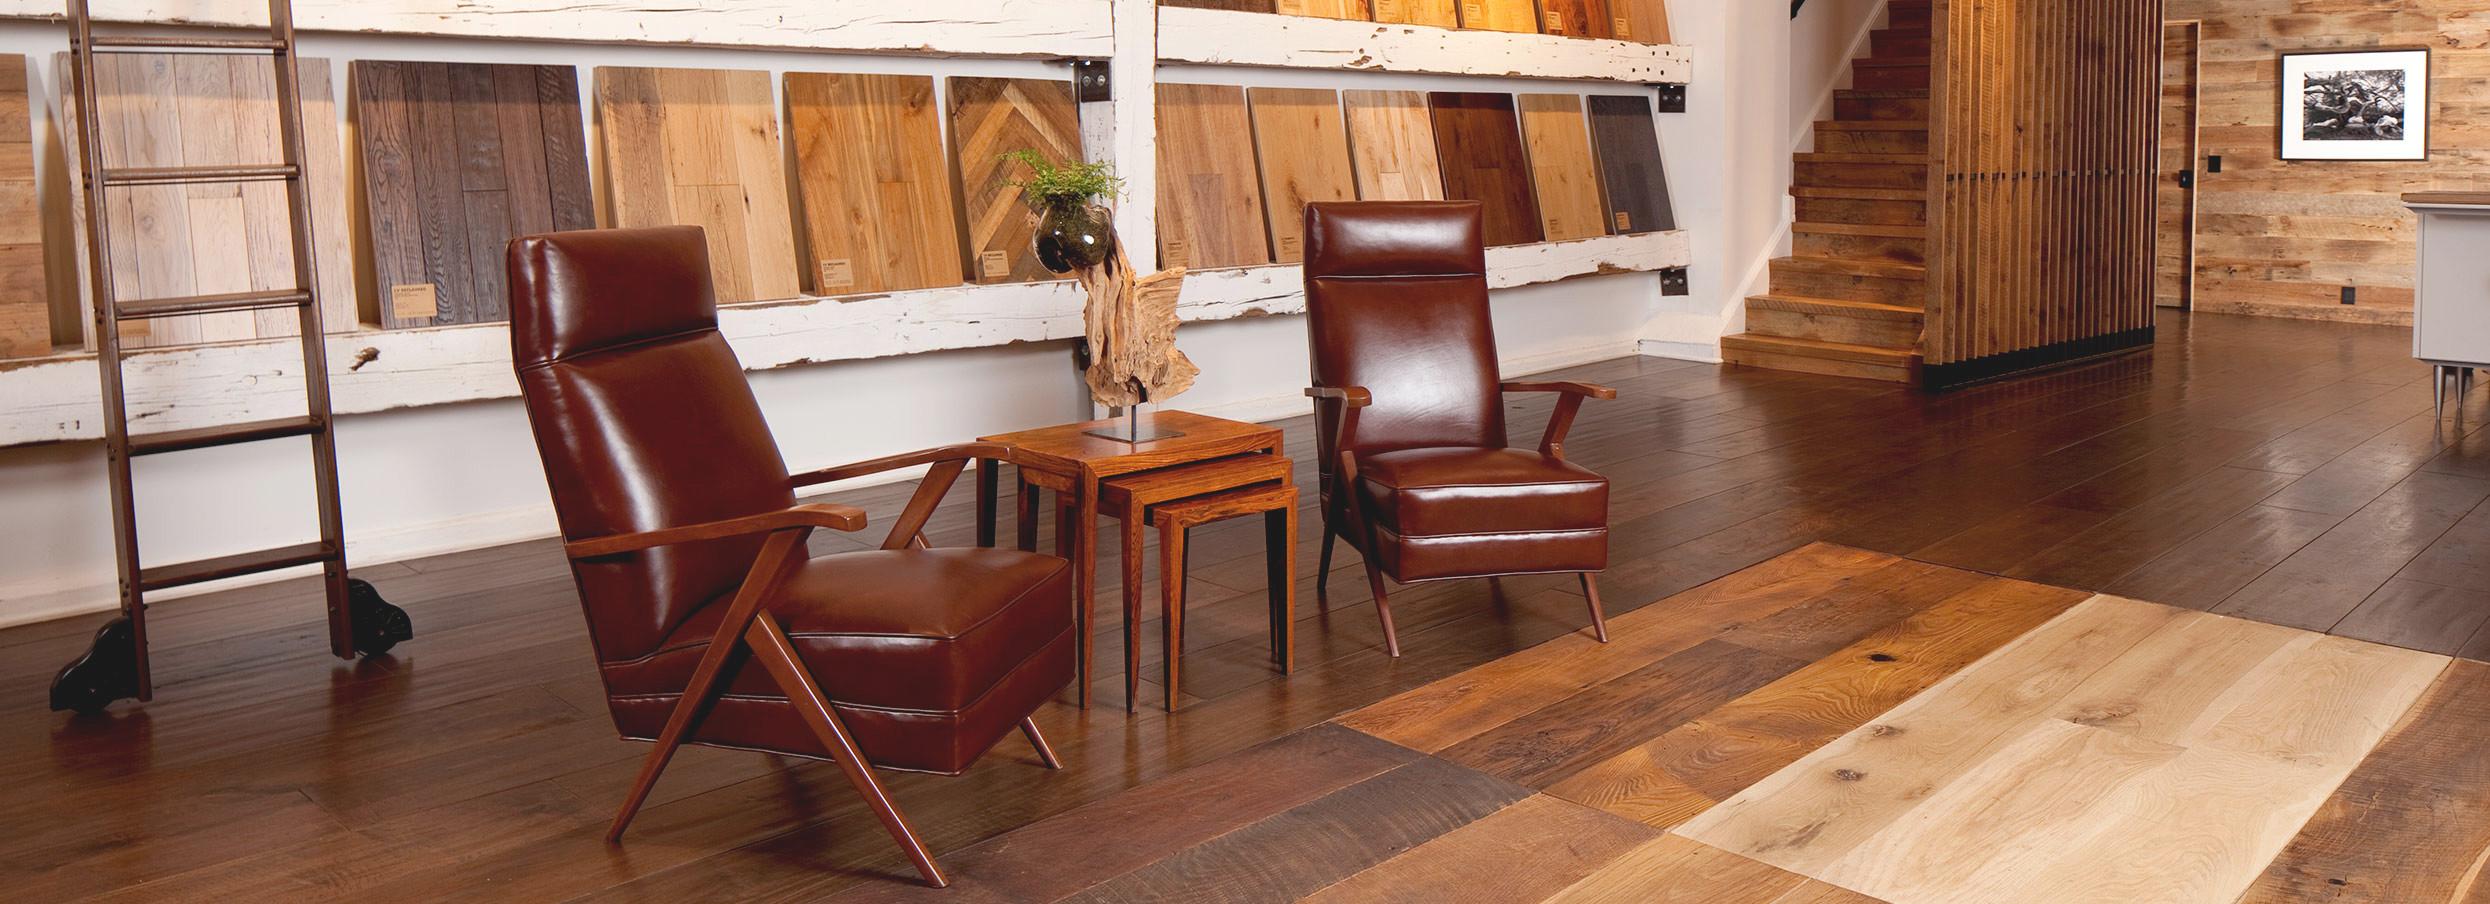 Best Finish For Reclaimed Wood Floor